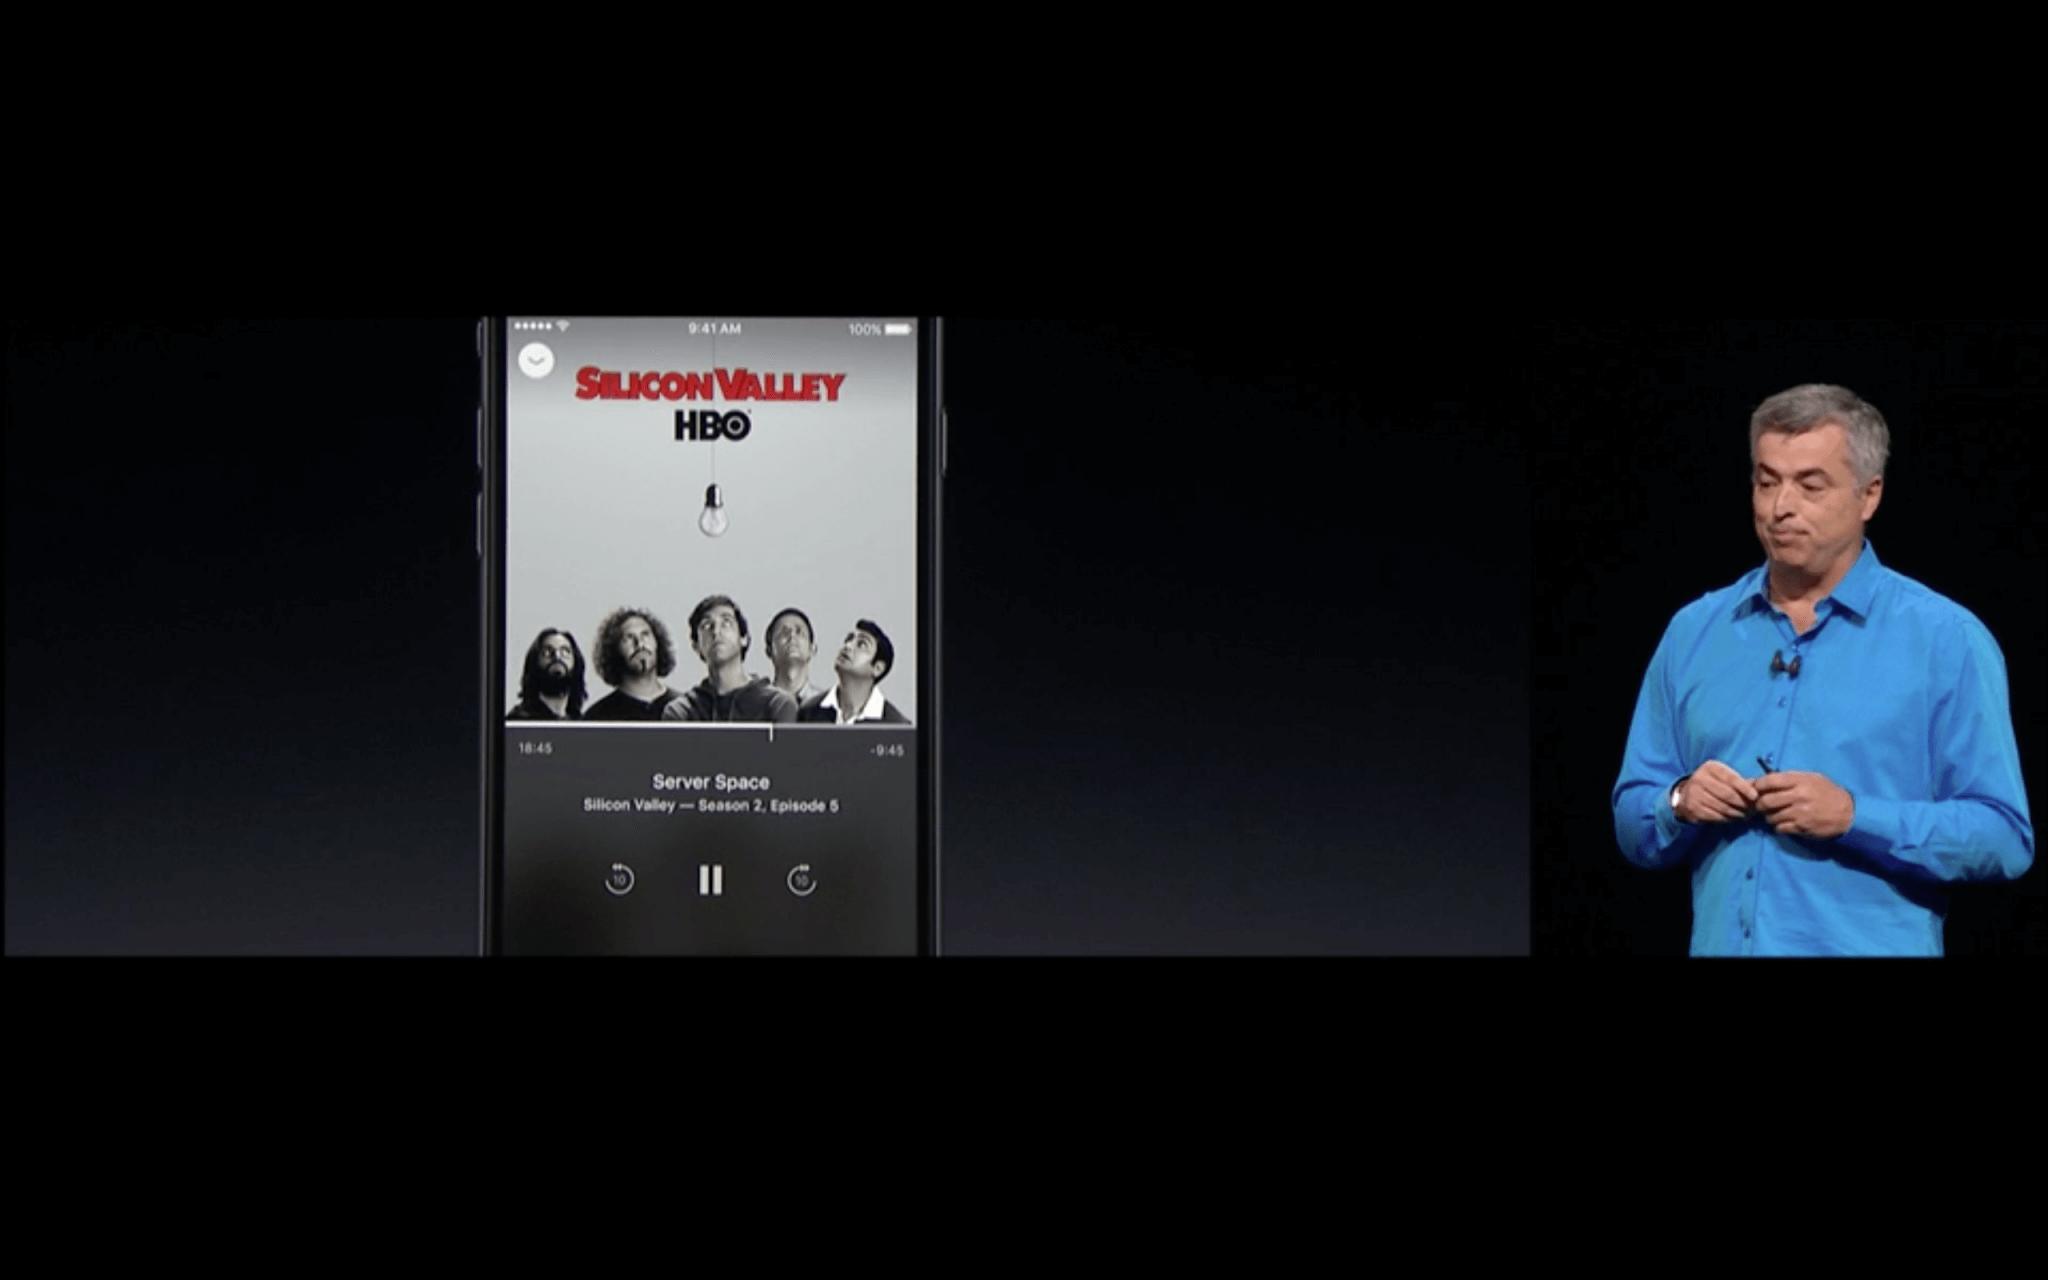 WWDC: Die Remote-App zur Fernbedienung des Apple TV wird komplett überarbeitet (Screenshot von Apples Livestream)